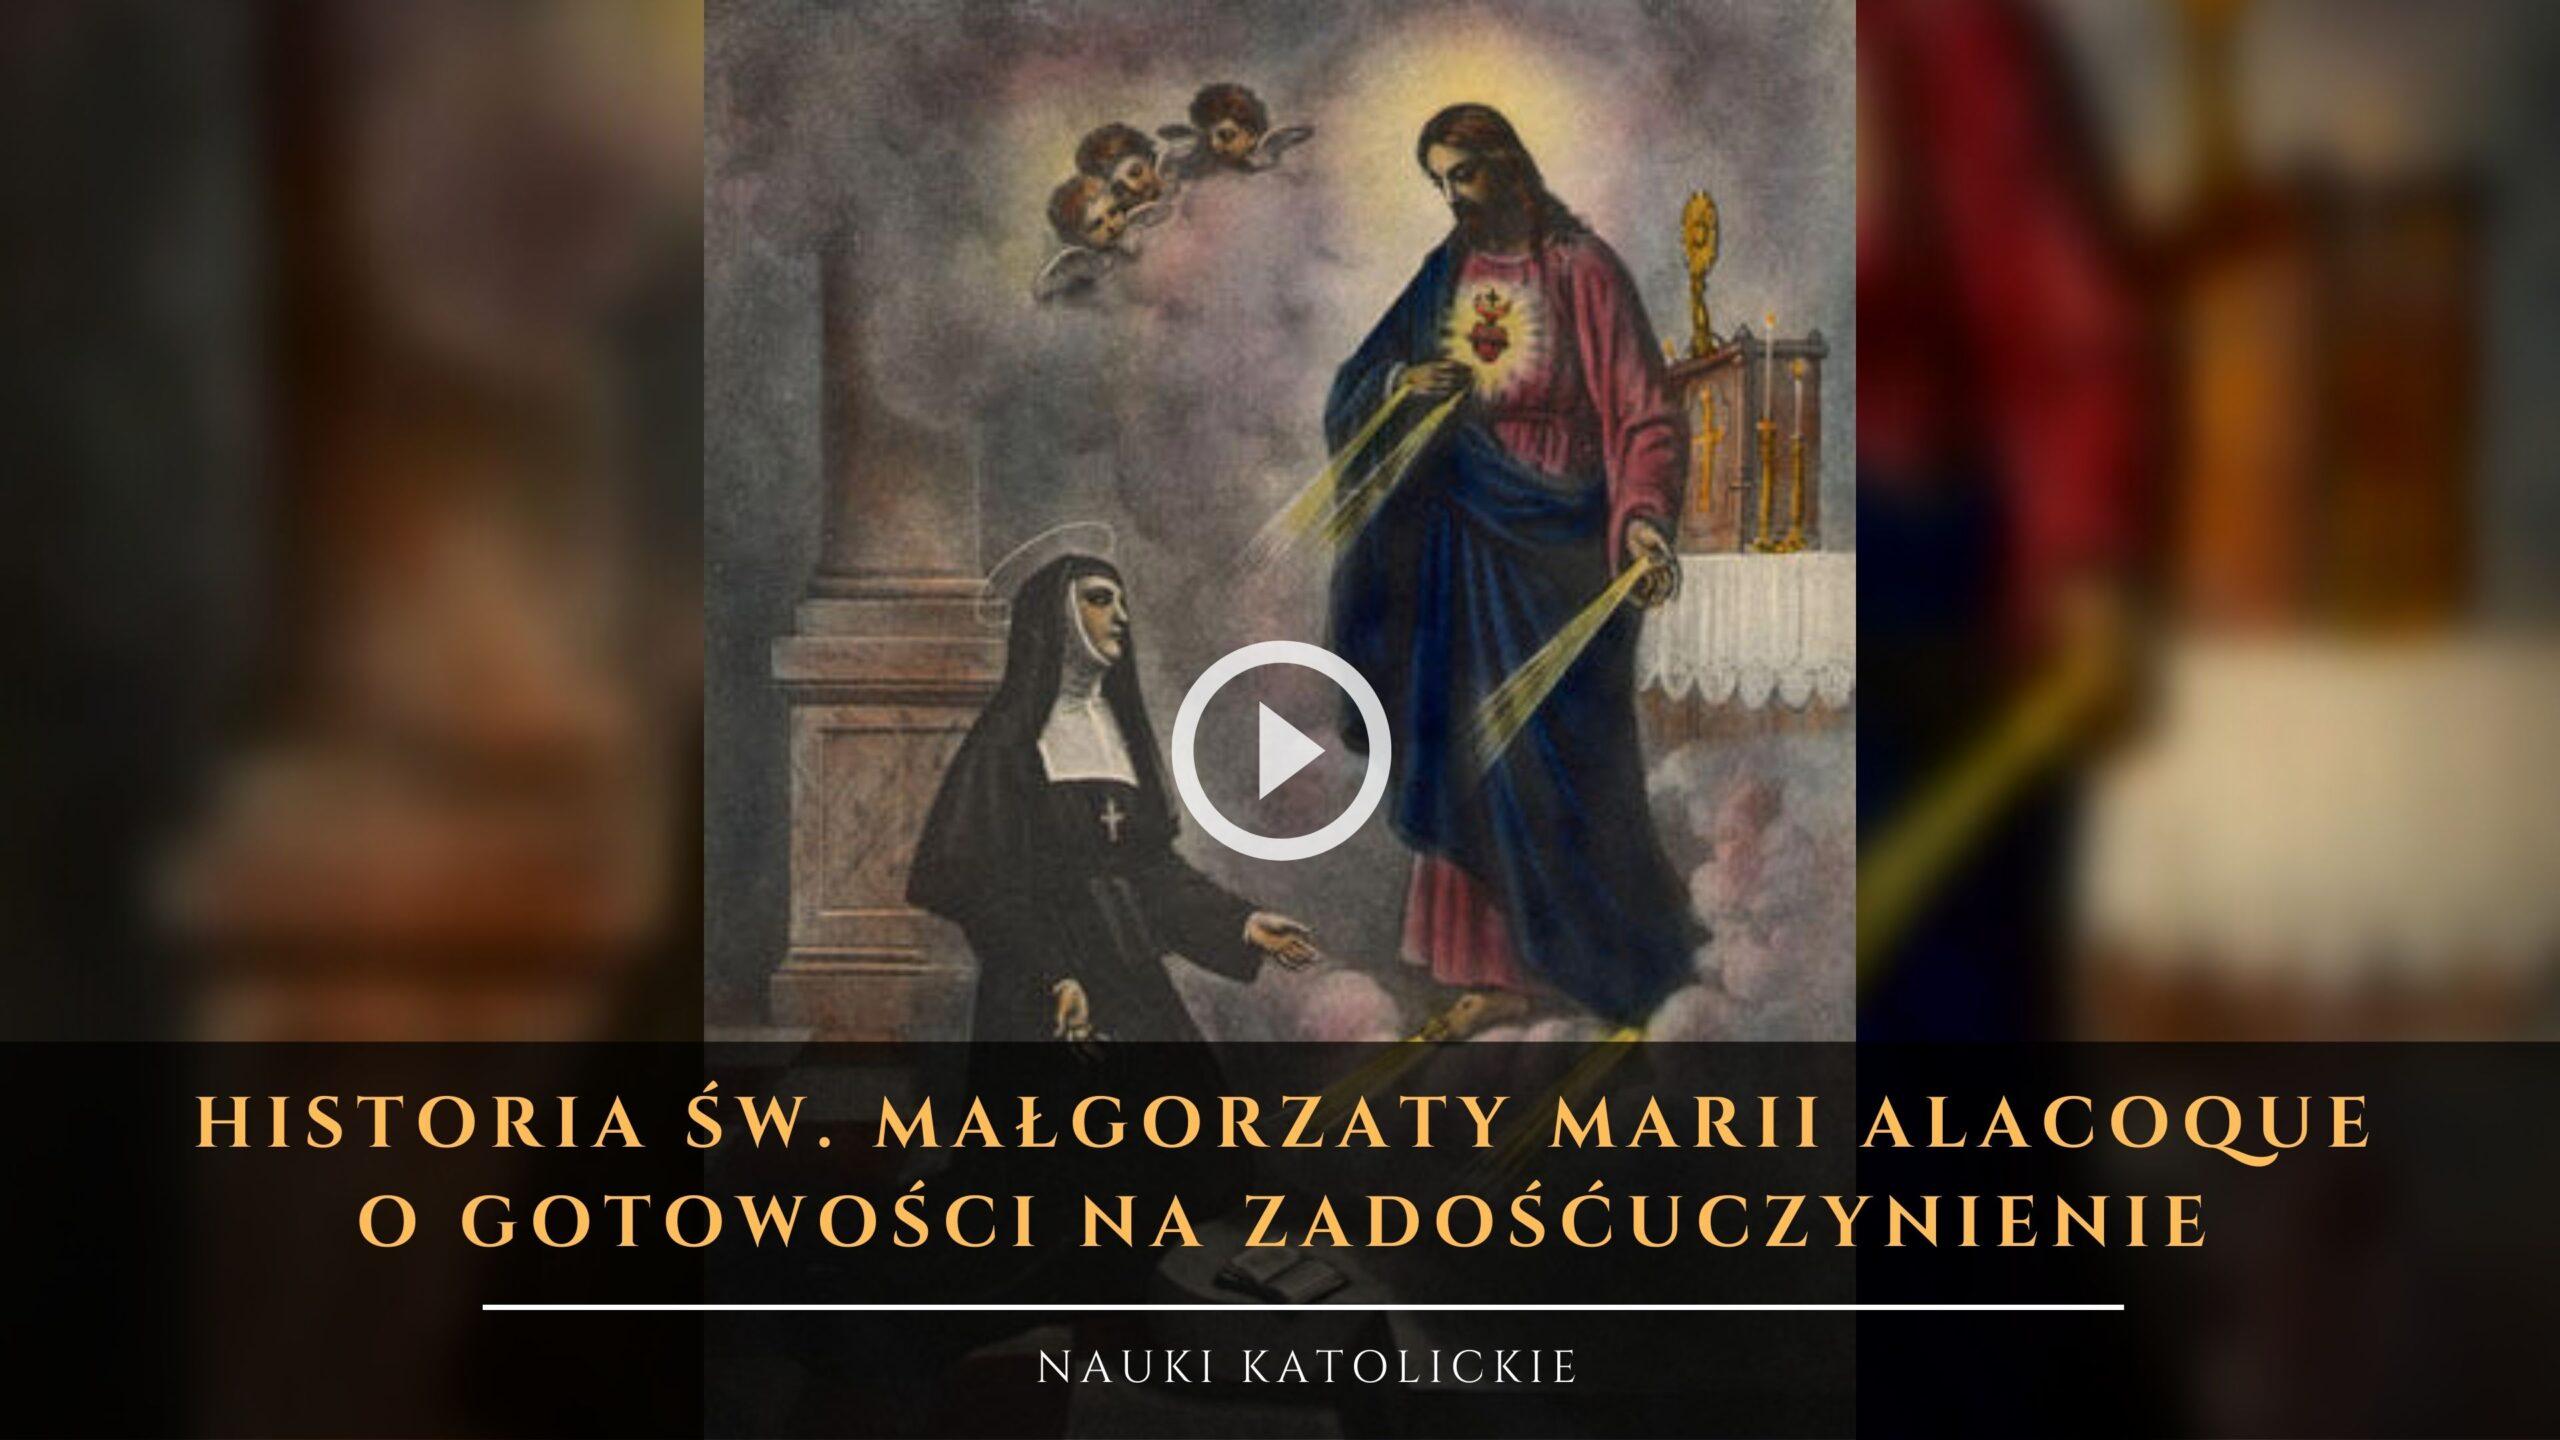 Historia św. Małgorzaty Marii Alacoque - O gotowości na zadośćuczynienie (1)